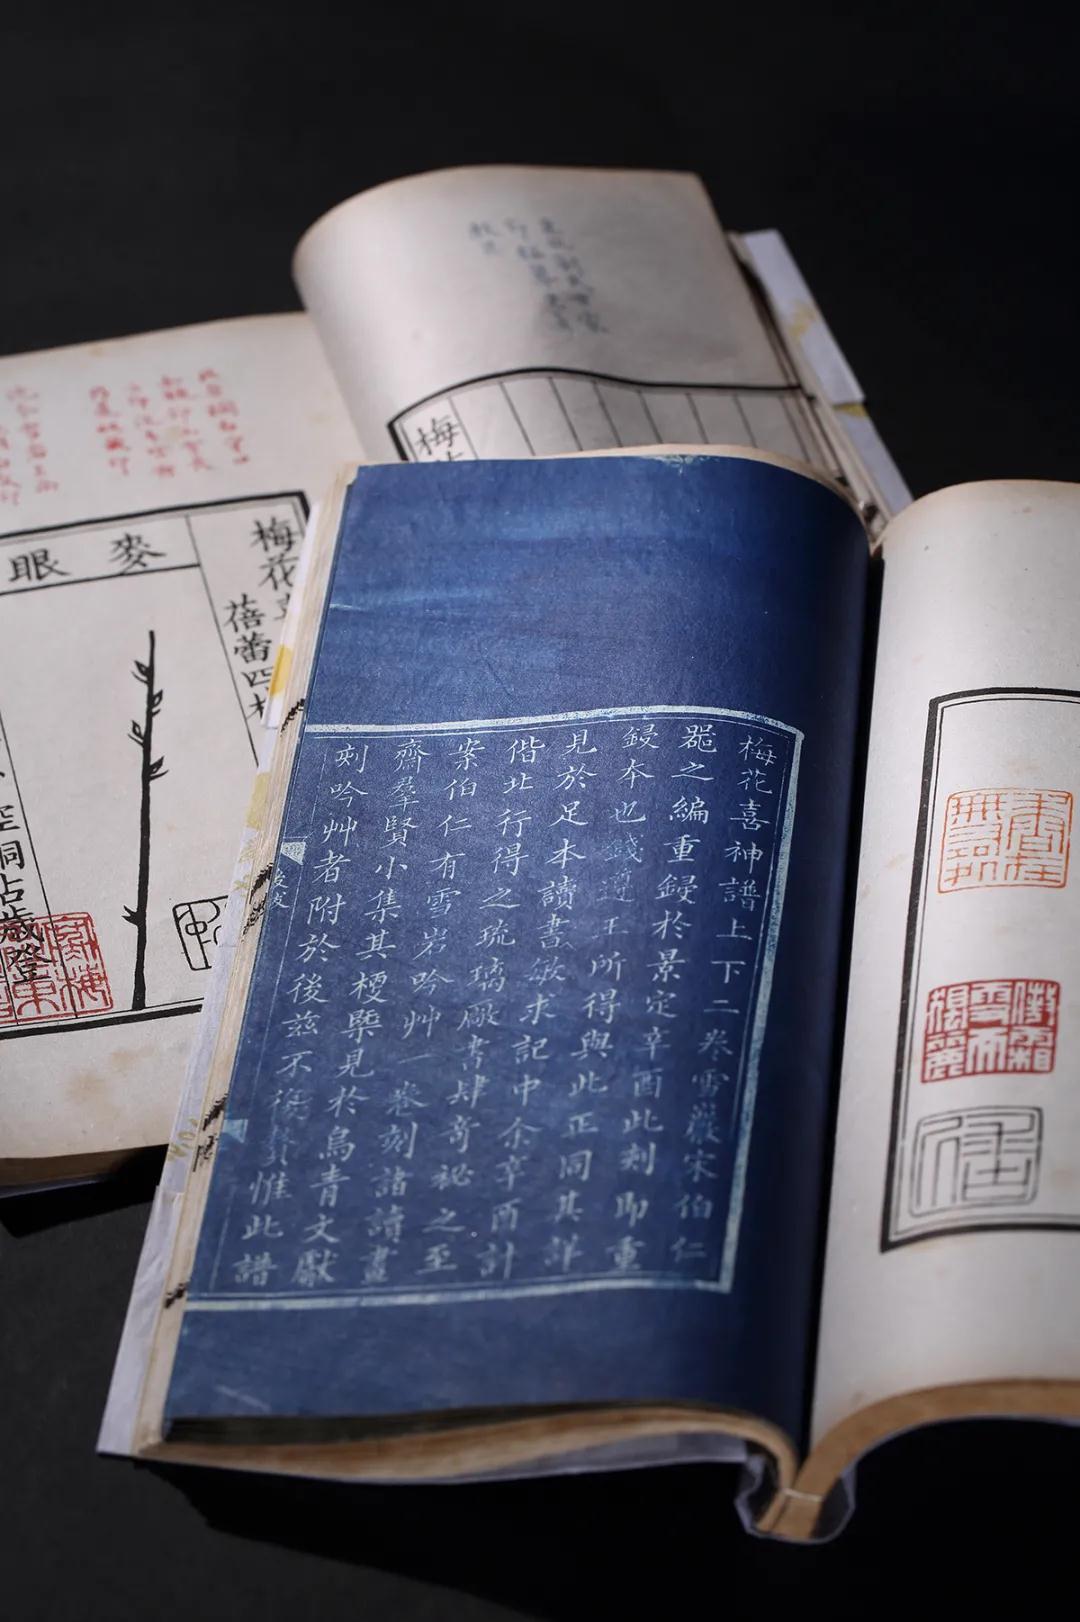 题跋古籍、珍藏名墨……看历代文人雅士如何与古为徒